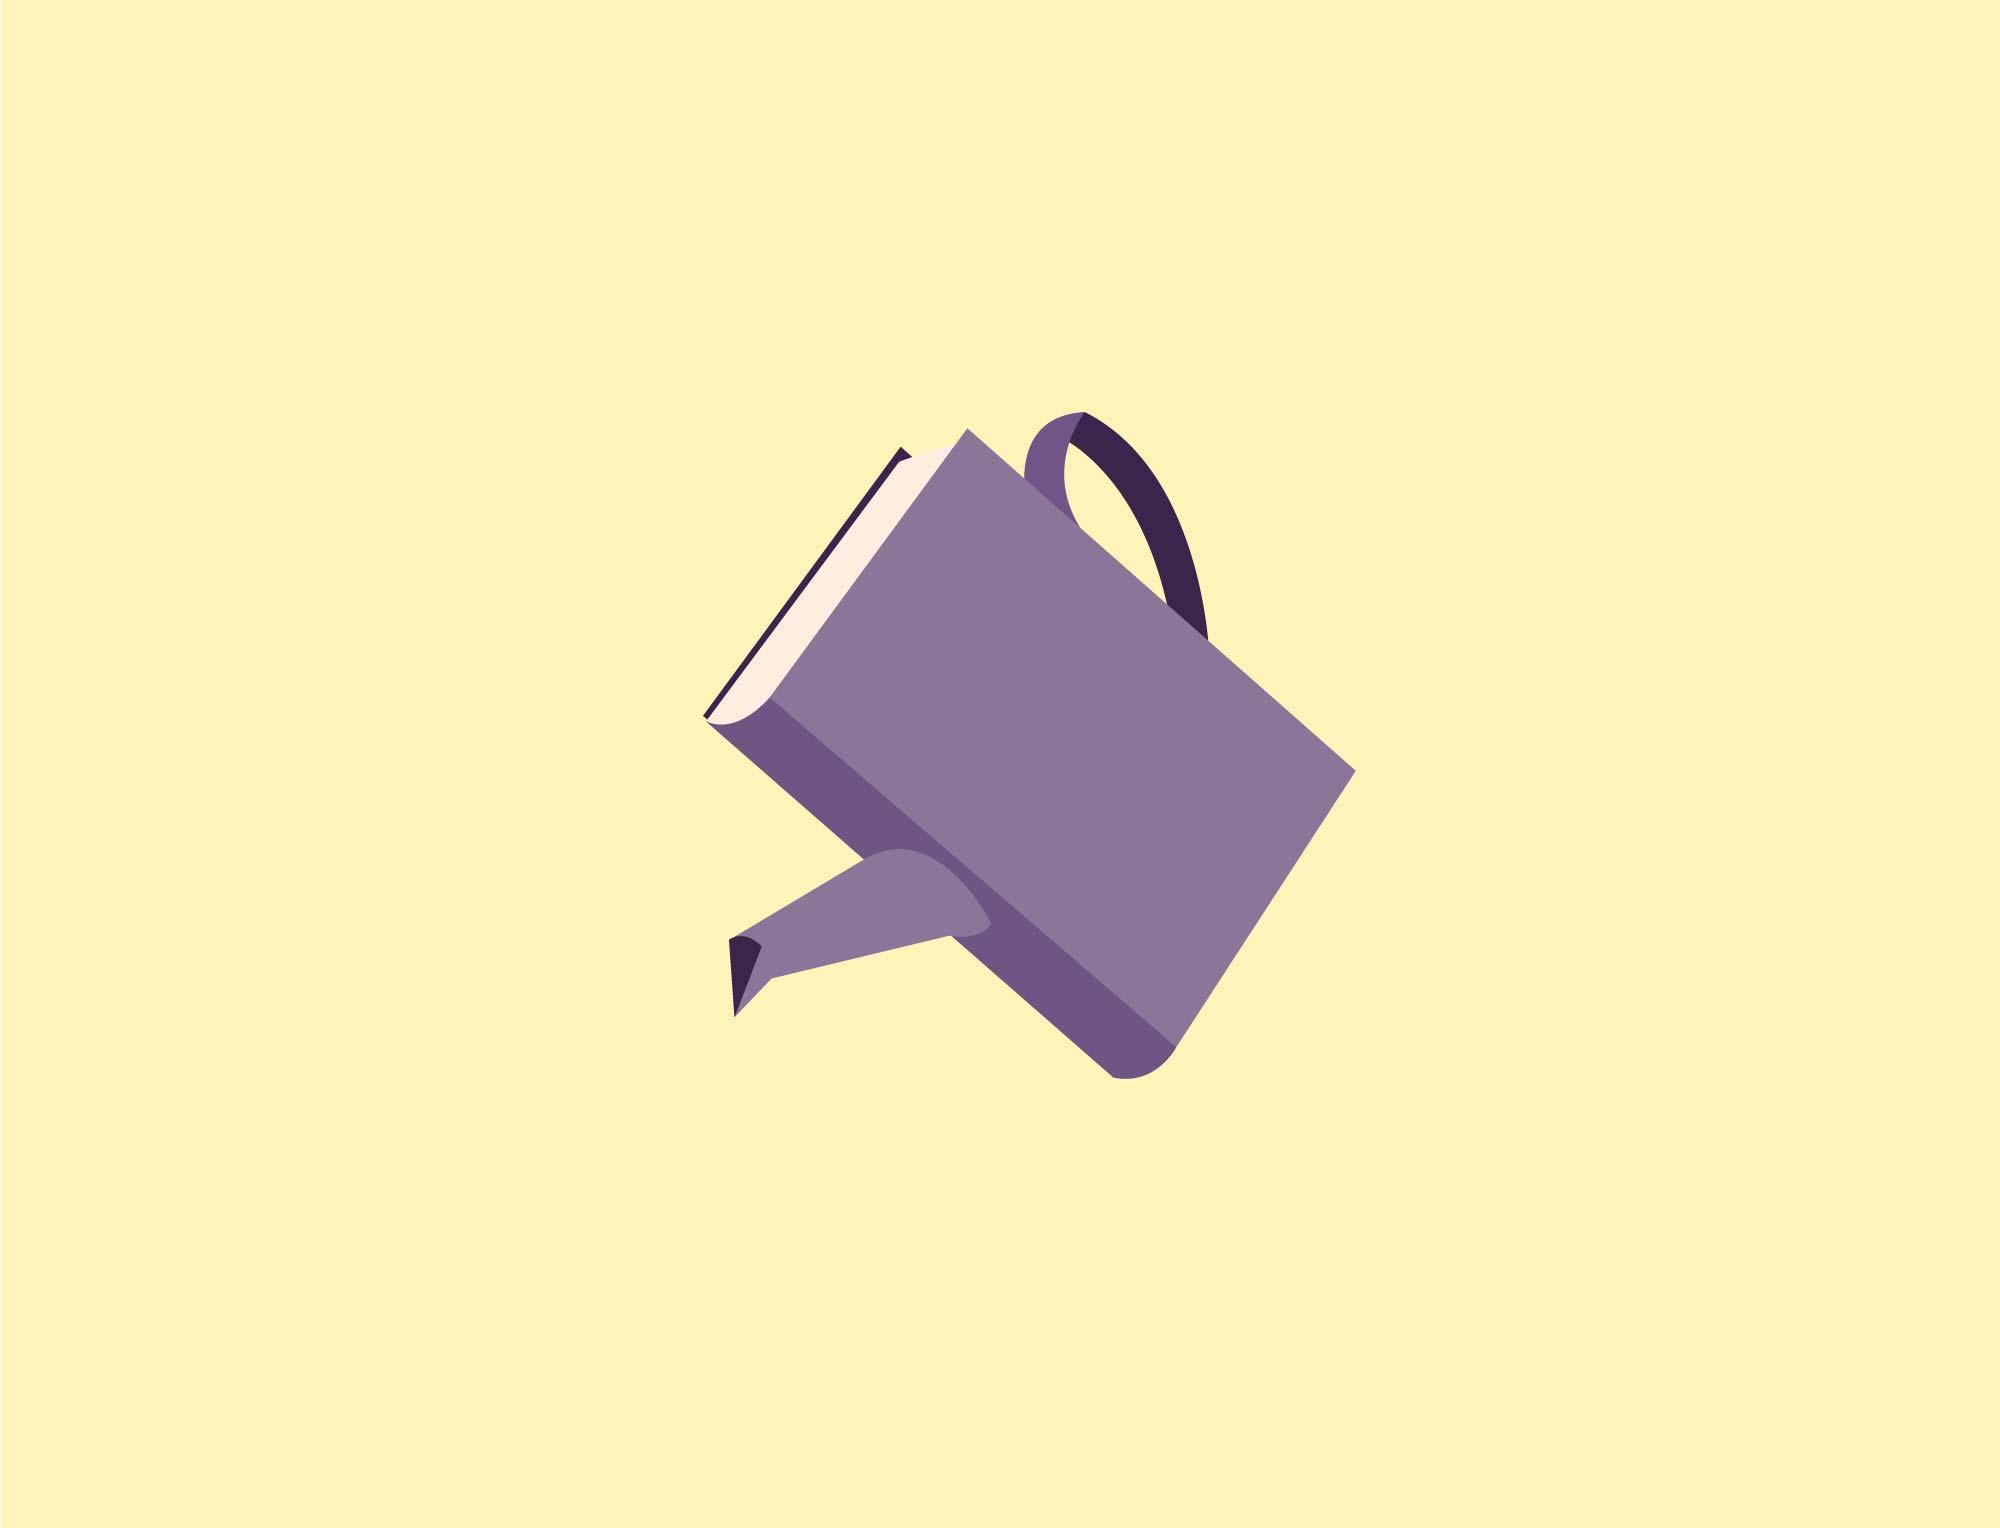 Подборка книг о карьерном росте 2018, бизнес книги, книги по саморазвитию, книги для профессионального и карьерного роста